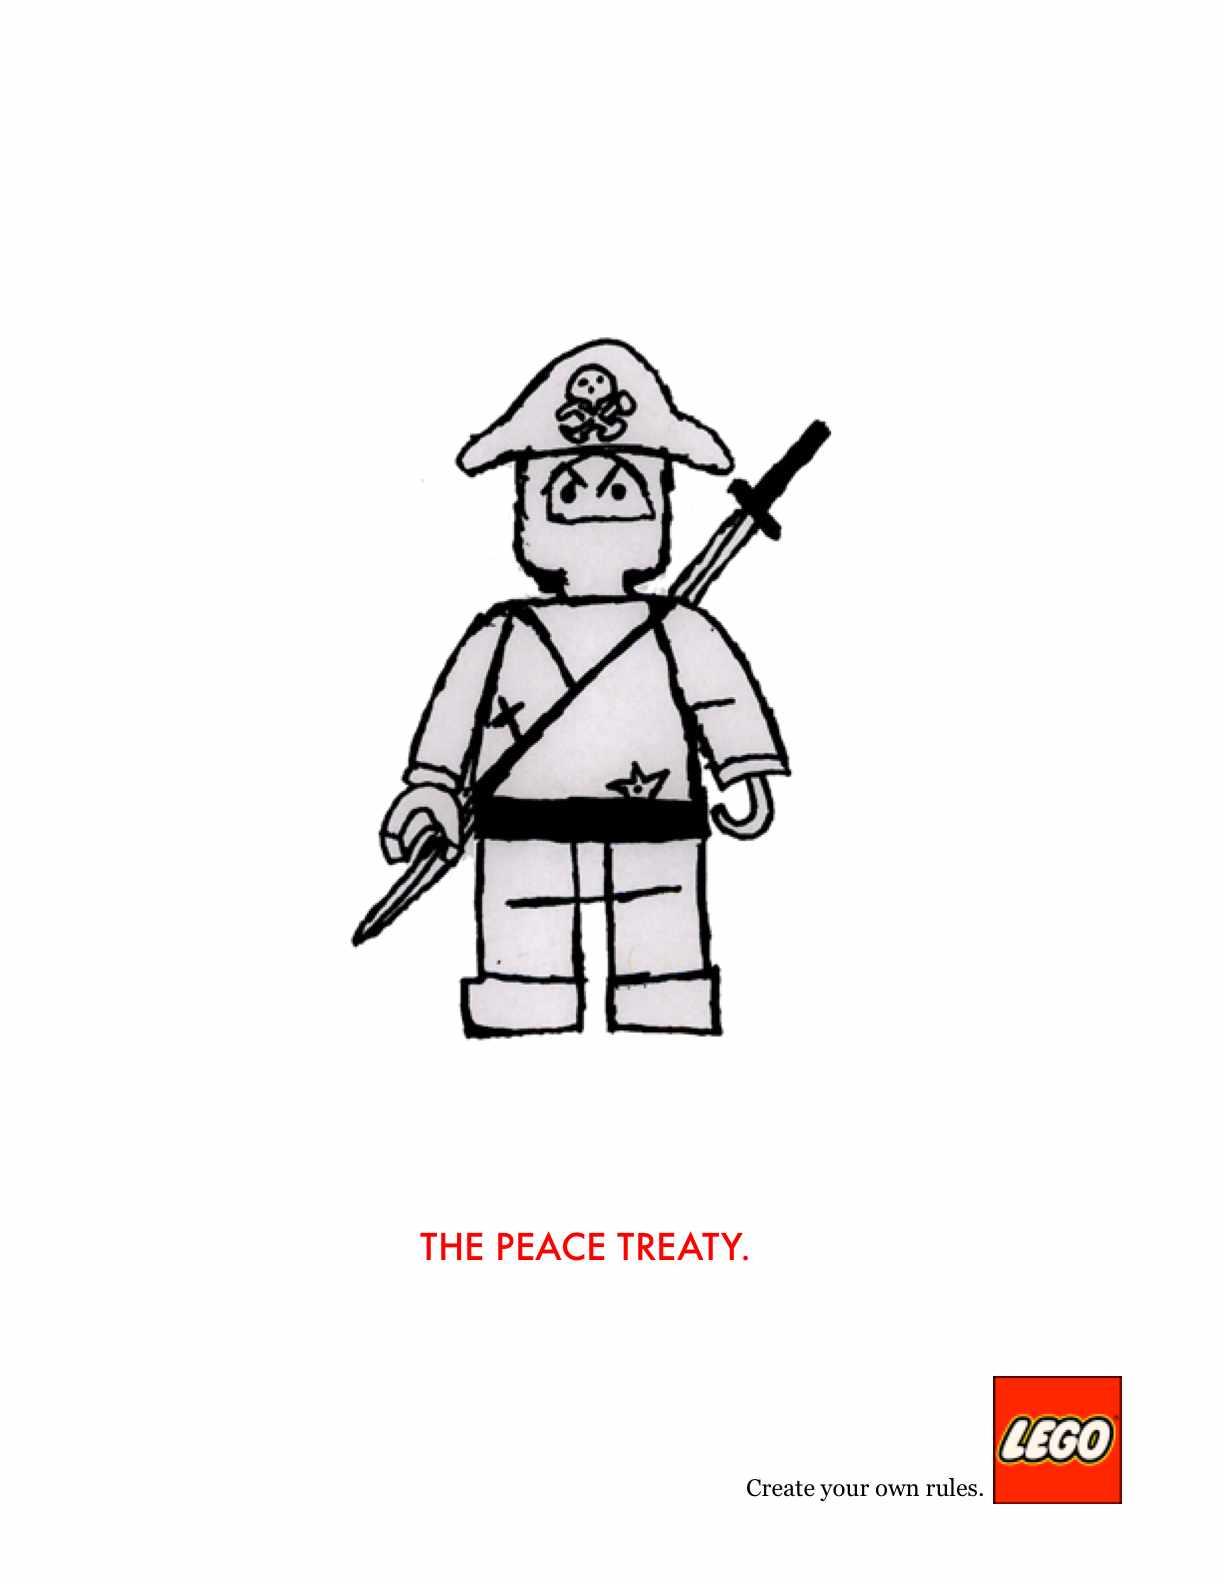 Lego Campaign